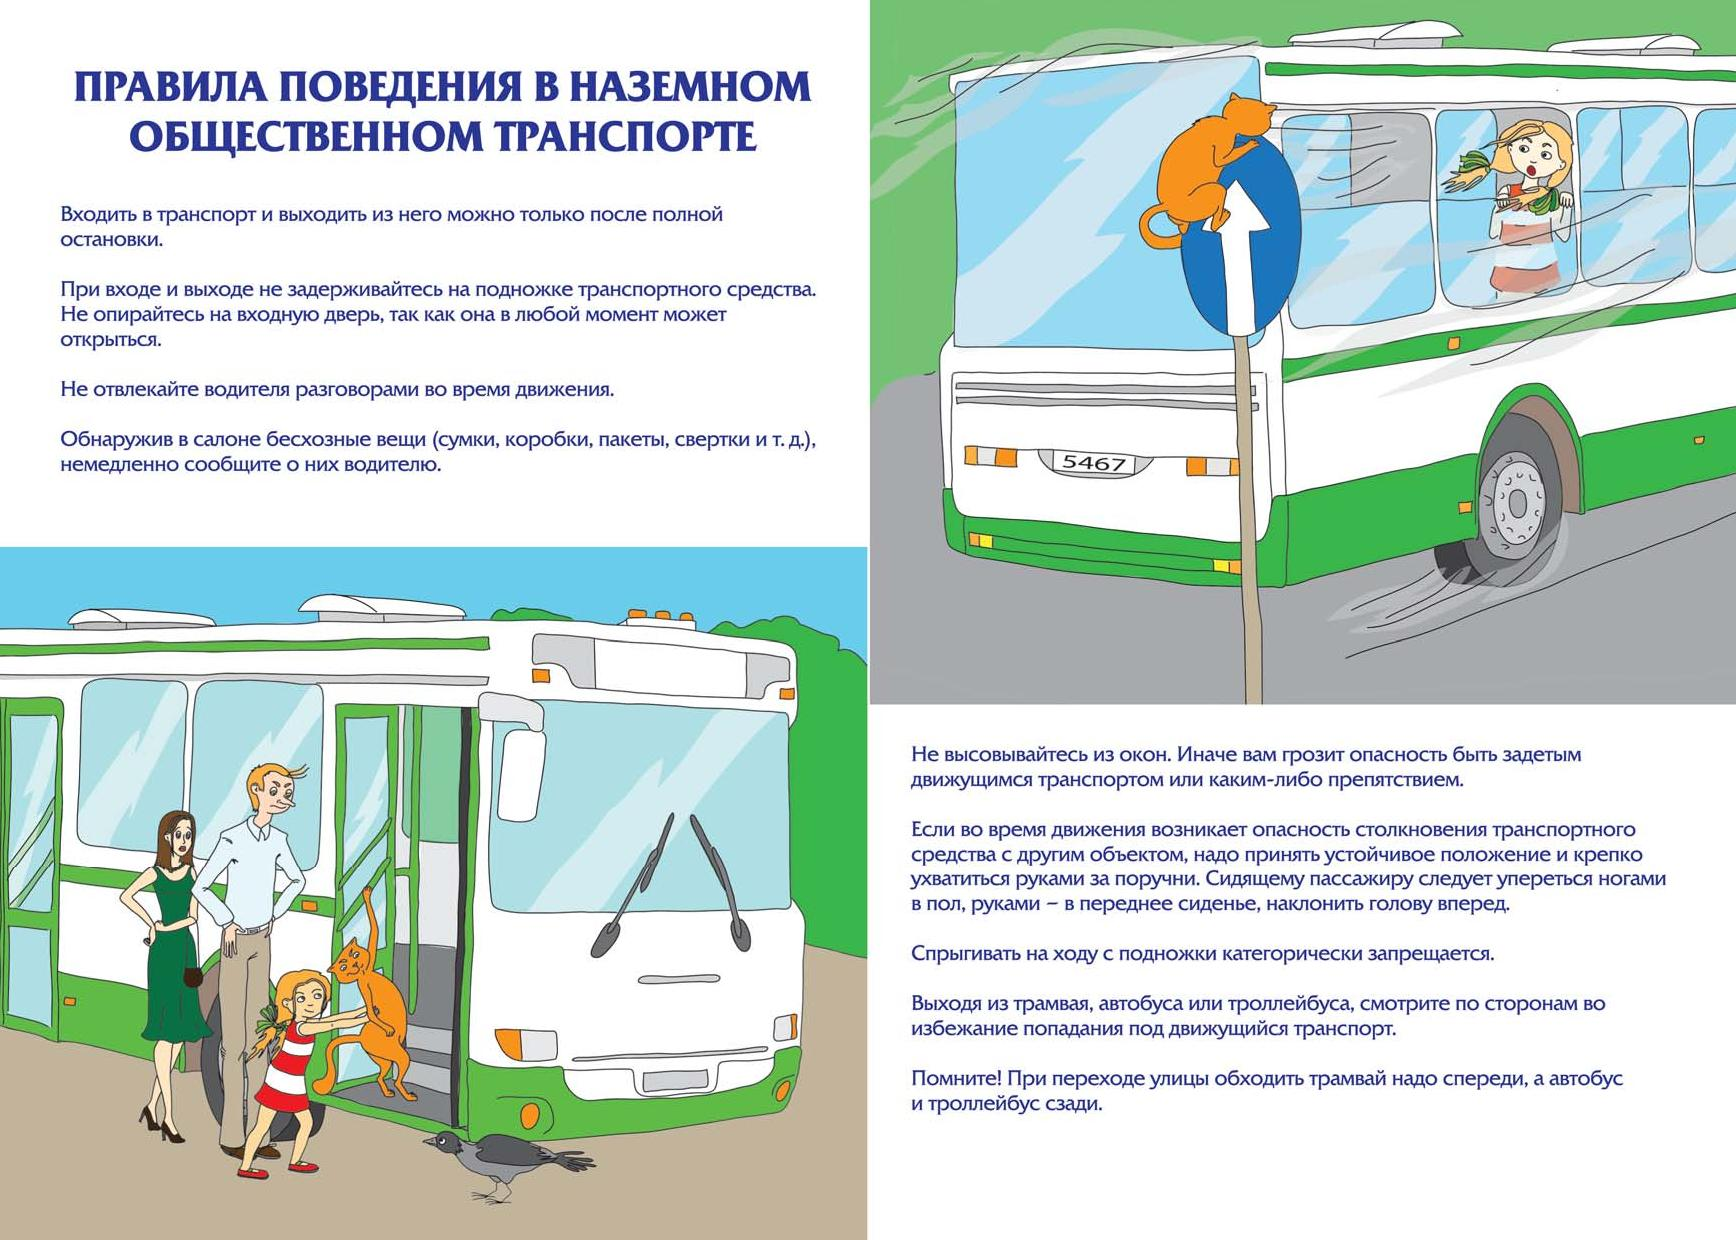 Правила поведения в наземном транспорте